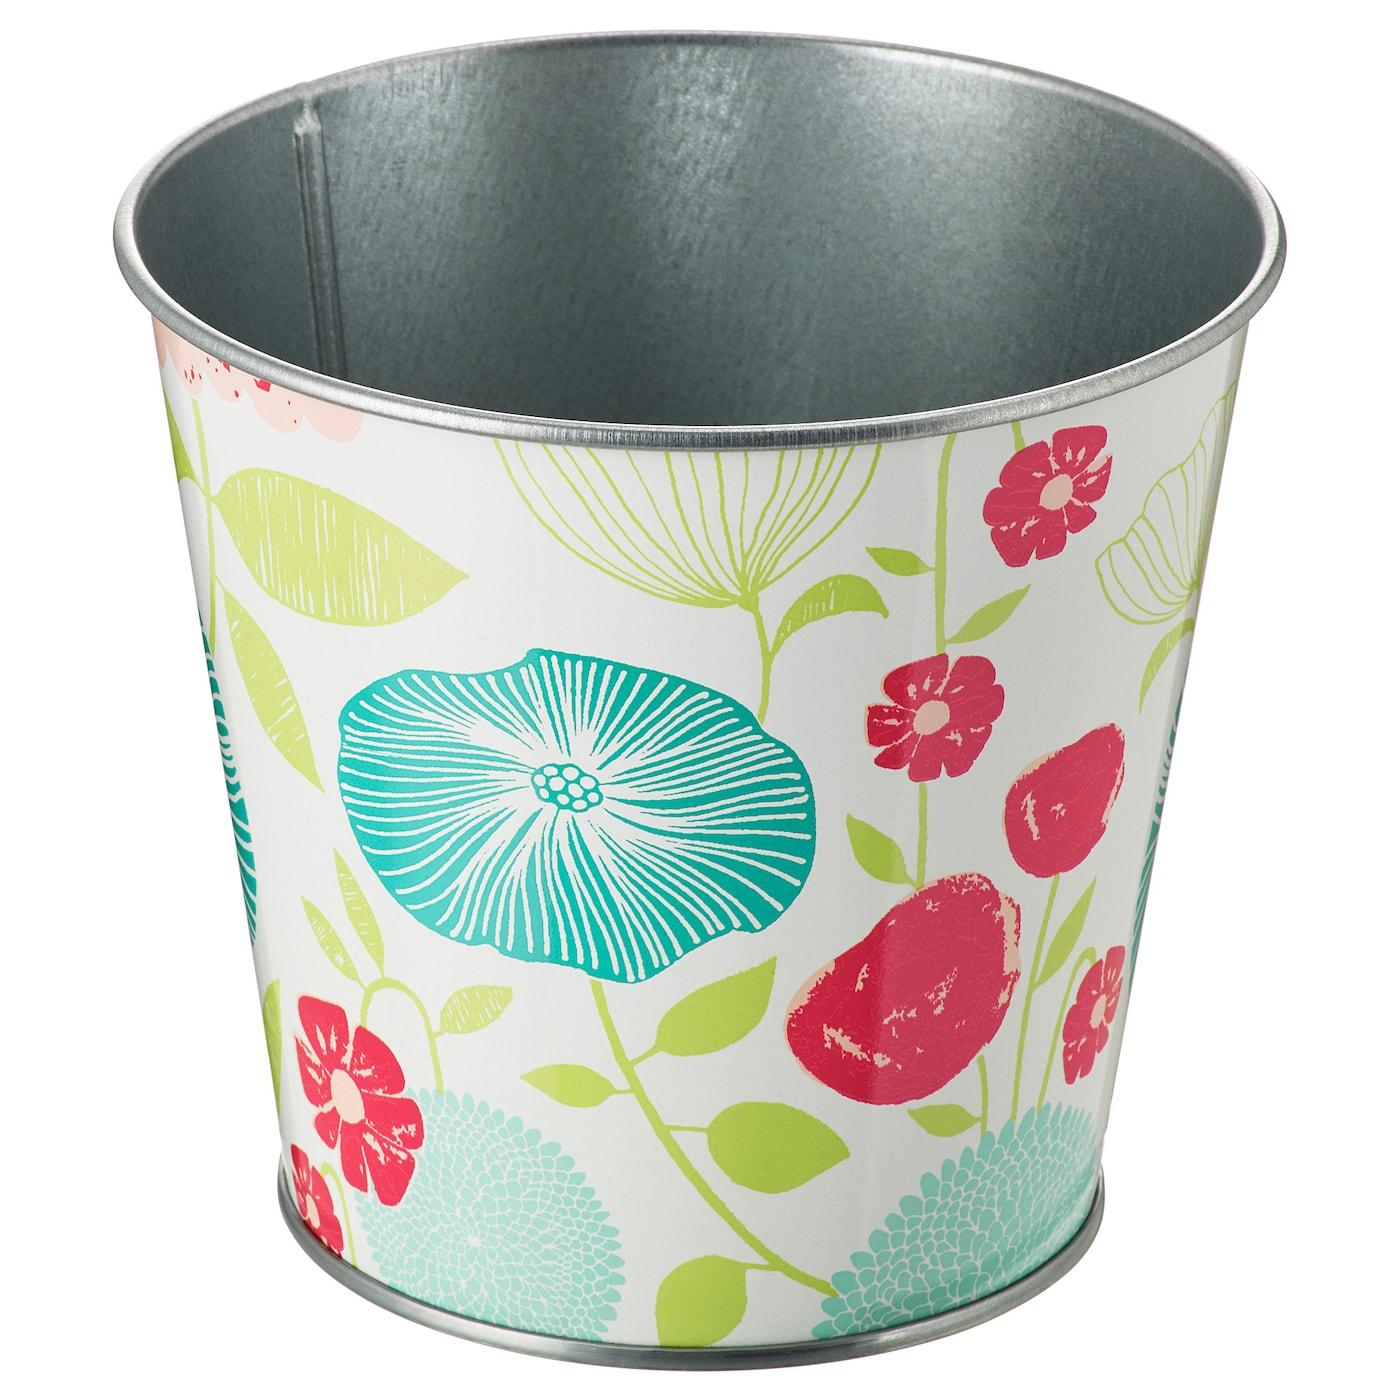 sommar 2018 plant pot patterned 12 cm ikea. Black Bedroom Furniture Sets. Home Design Ideas